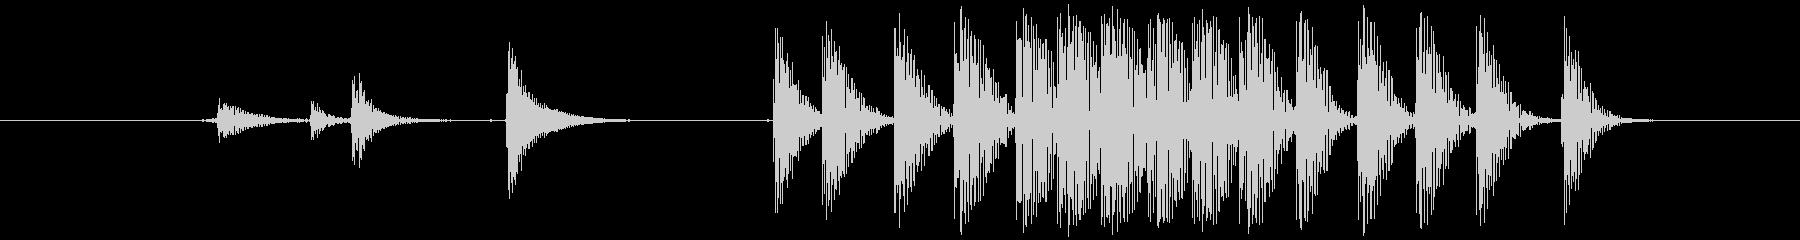 モンスター げっぷ01の未再生の波形